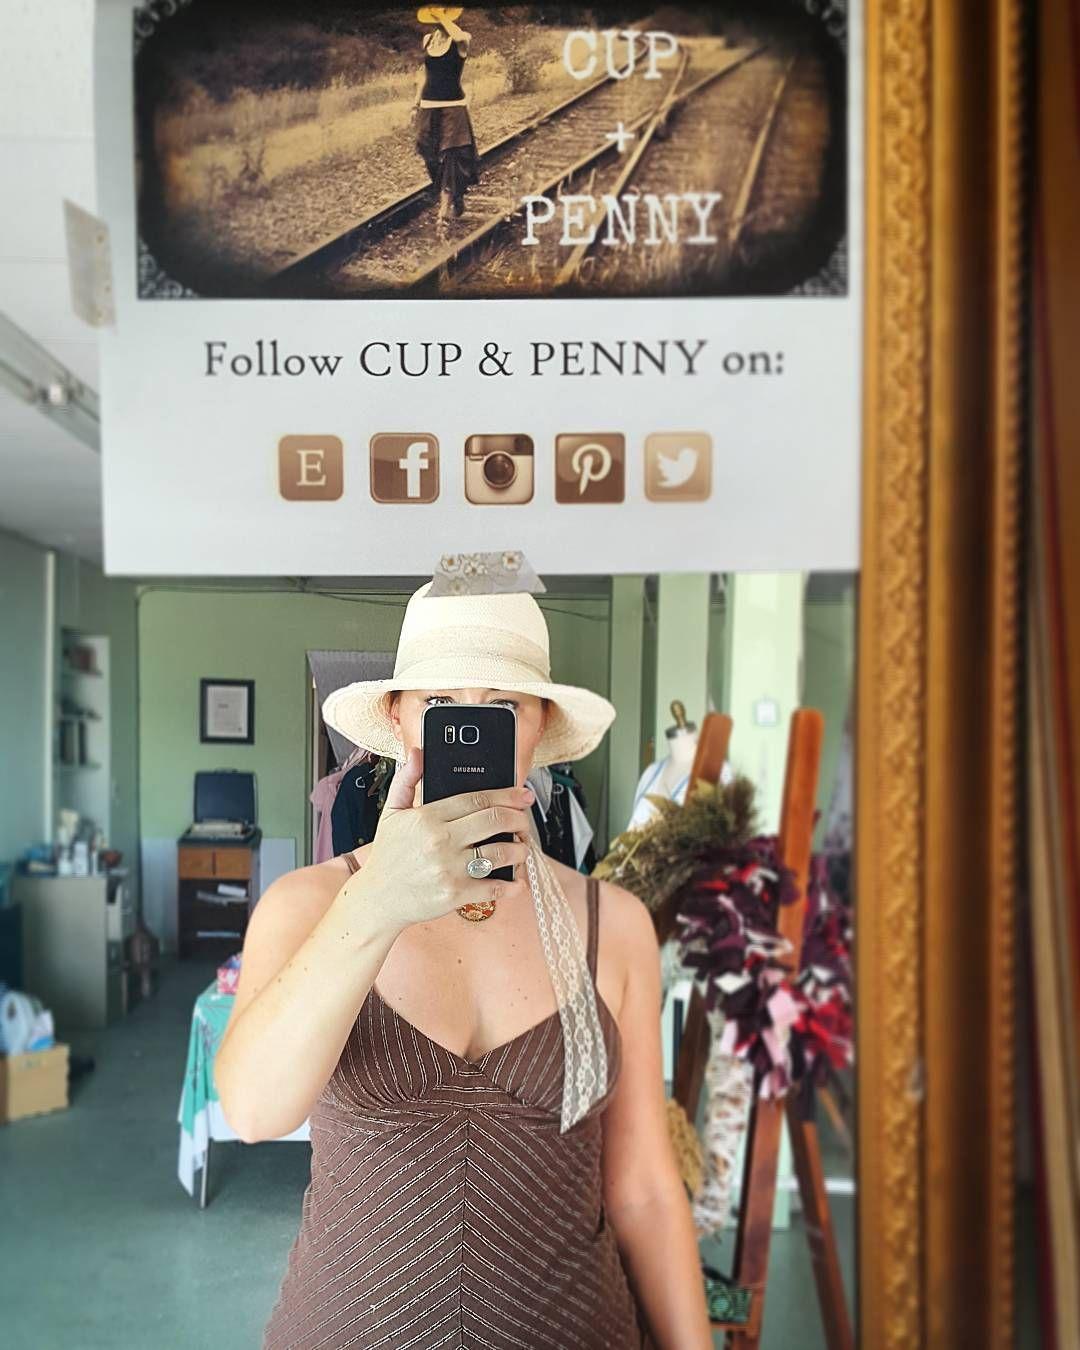 Heeeeyyyyyyy  #cupandpenny #mirror #selfies #selfiepromotion #shop #studio #workspace